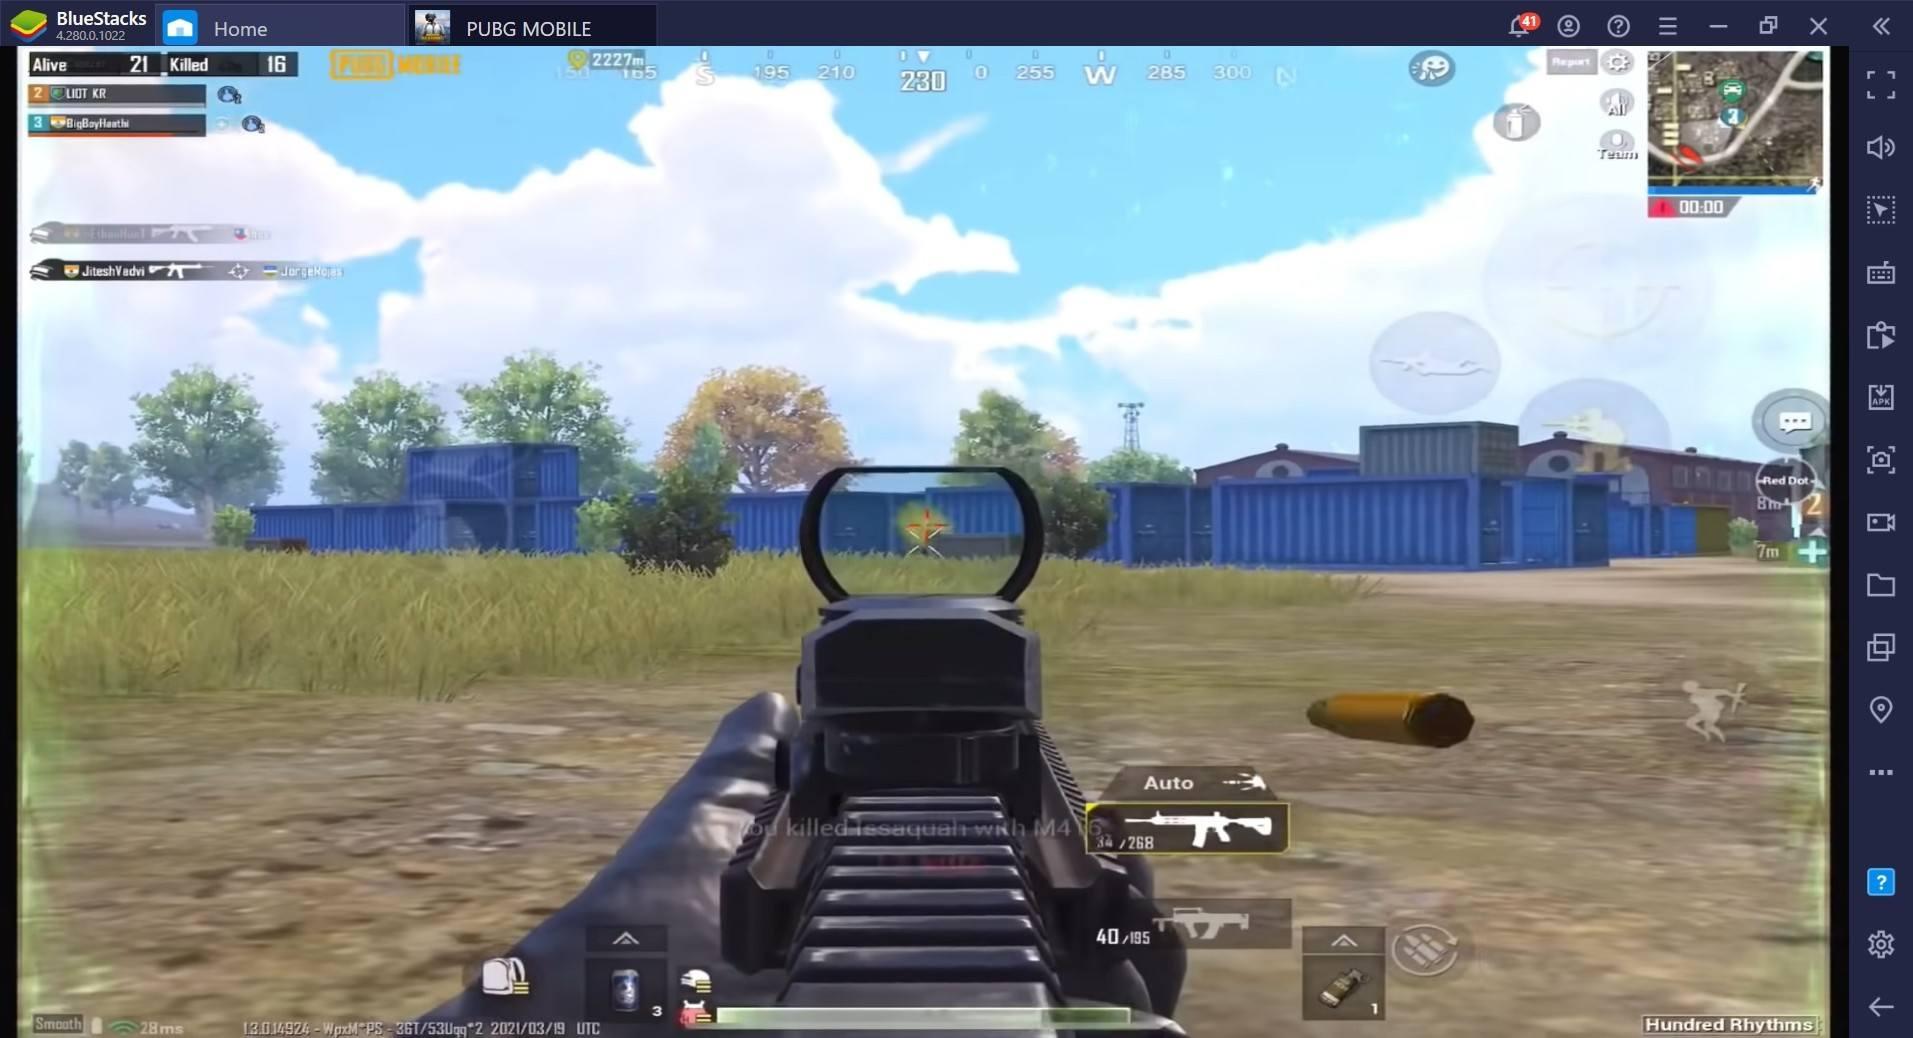 القتلى على المركبات : دليل محاكي BlueStacks للمركبات في لعبة  PUBG Mobile